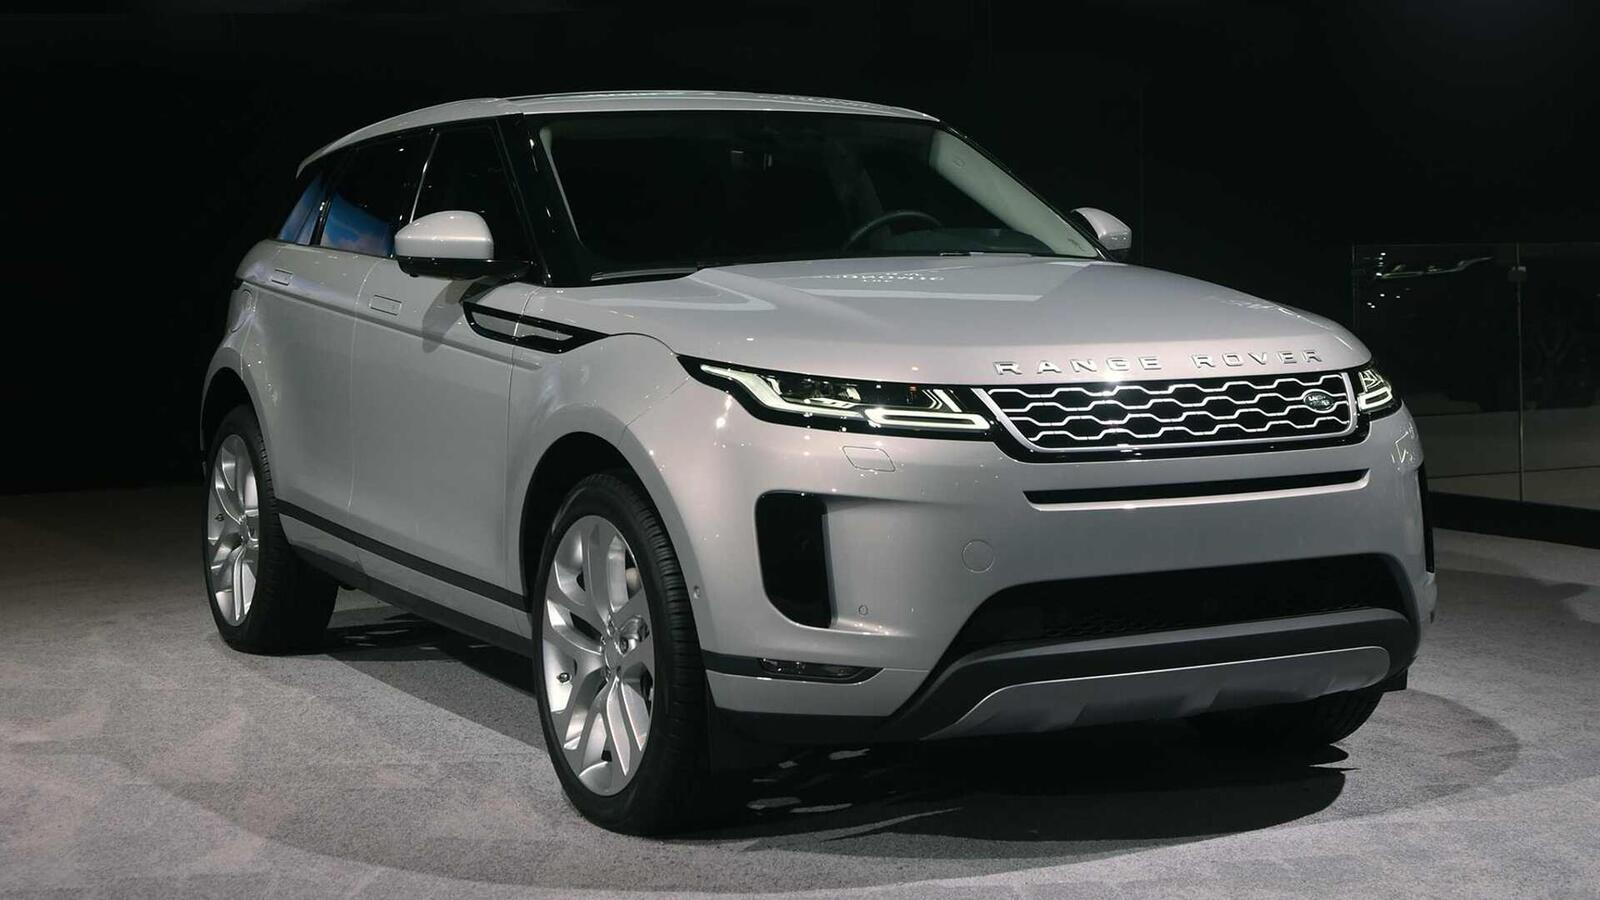 Range Rover Evoque mới tại Mỹ có giá từ 43.645 USD, đắt hơn Audi Q5 và Mercedes GLC - Hình 7